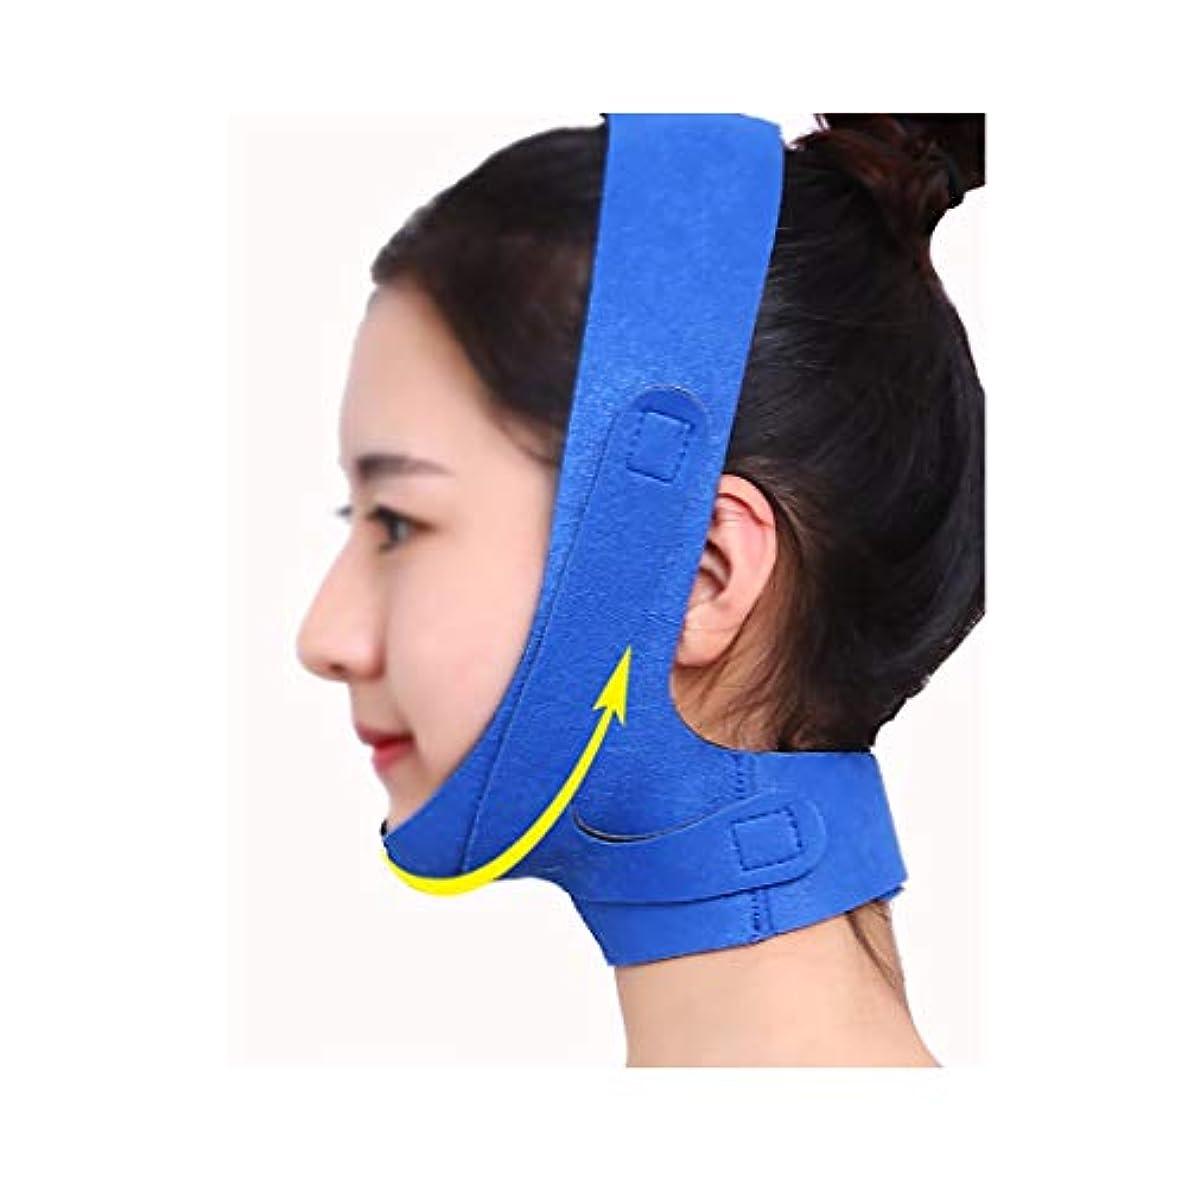 ぐるぐる衰えるシンプルなGLJJQMY 薄い顔マスクあごを回復包帯睡眠薄い顔包帯薄い顔マスクフェイスリフトアーチファクト小さいV顔薄い顔美容マスク包帯青い顔マスク 顔用整形マスク